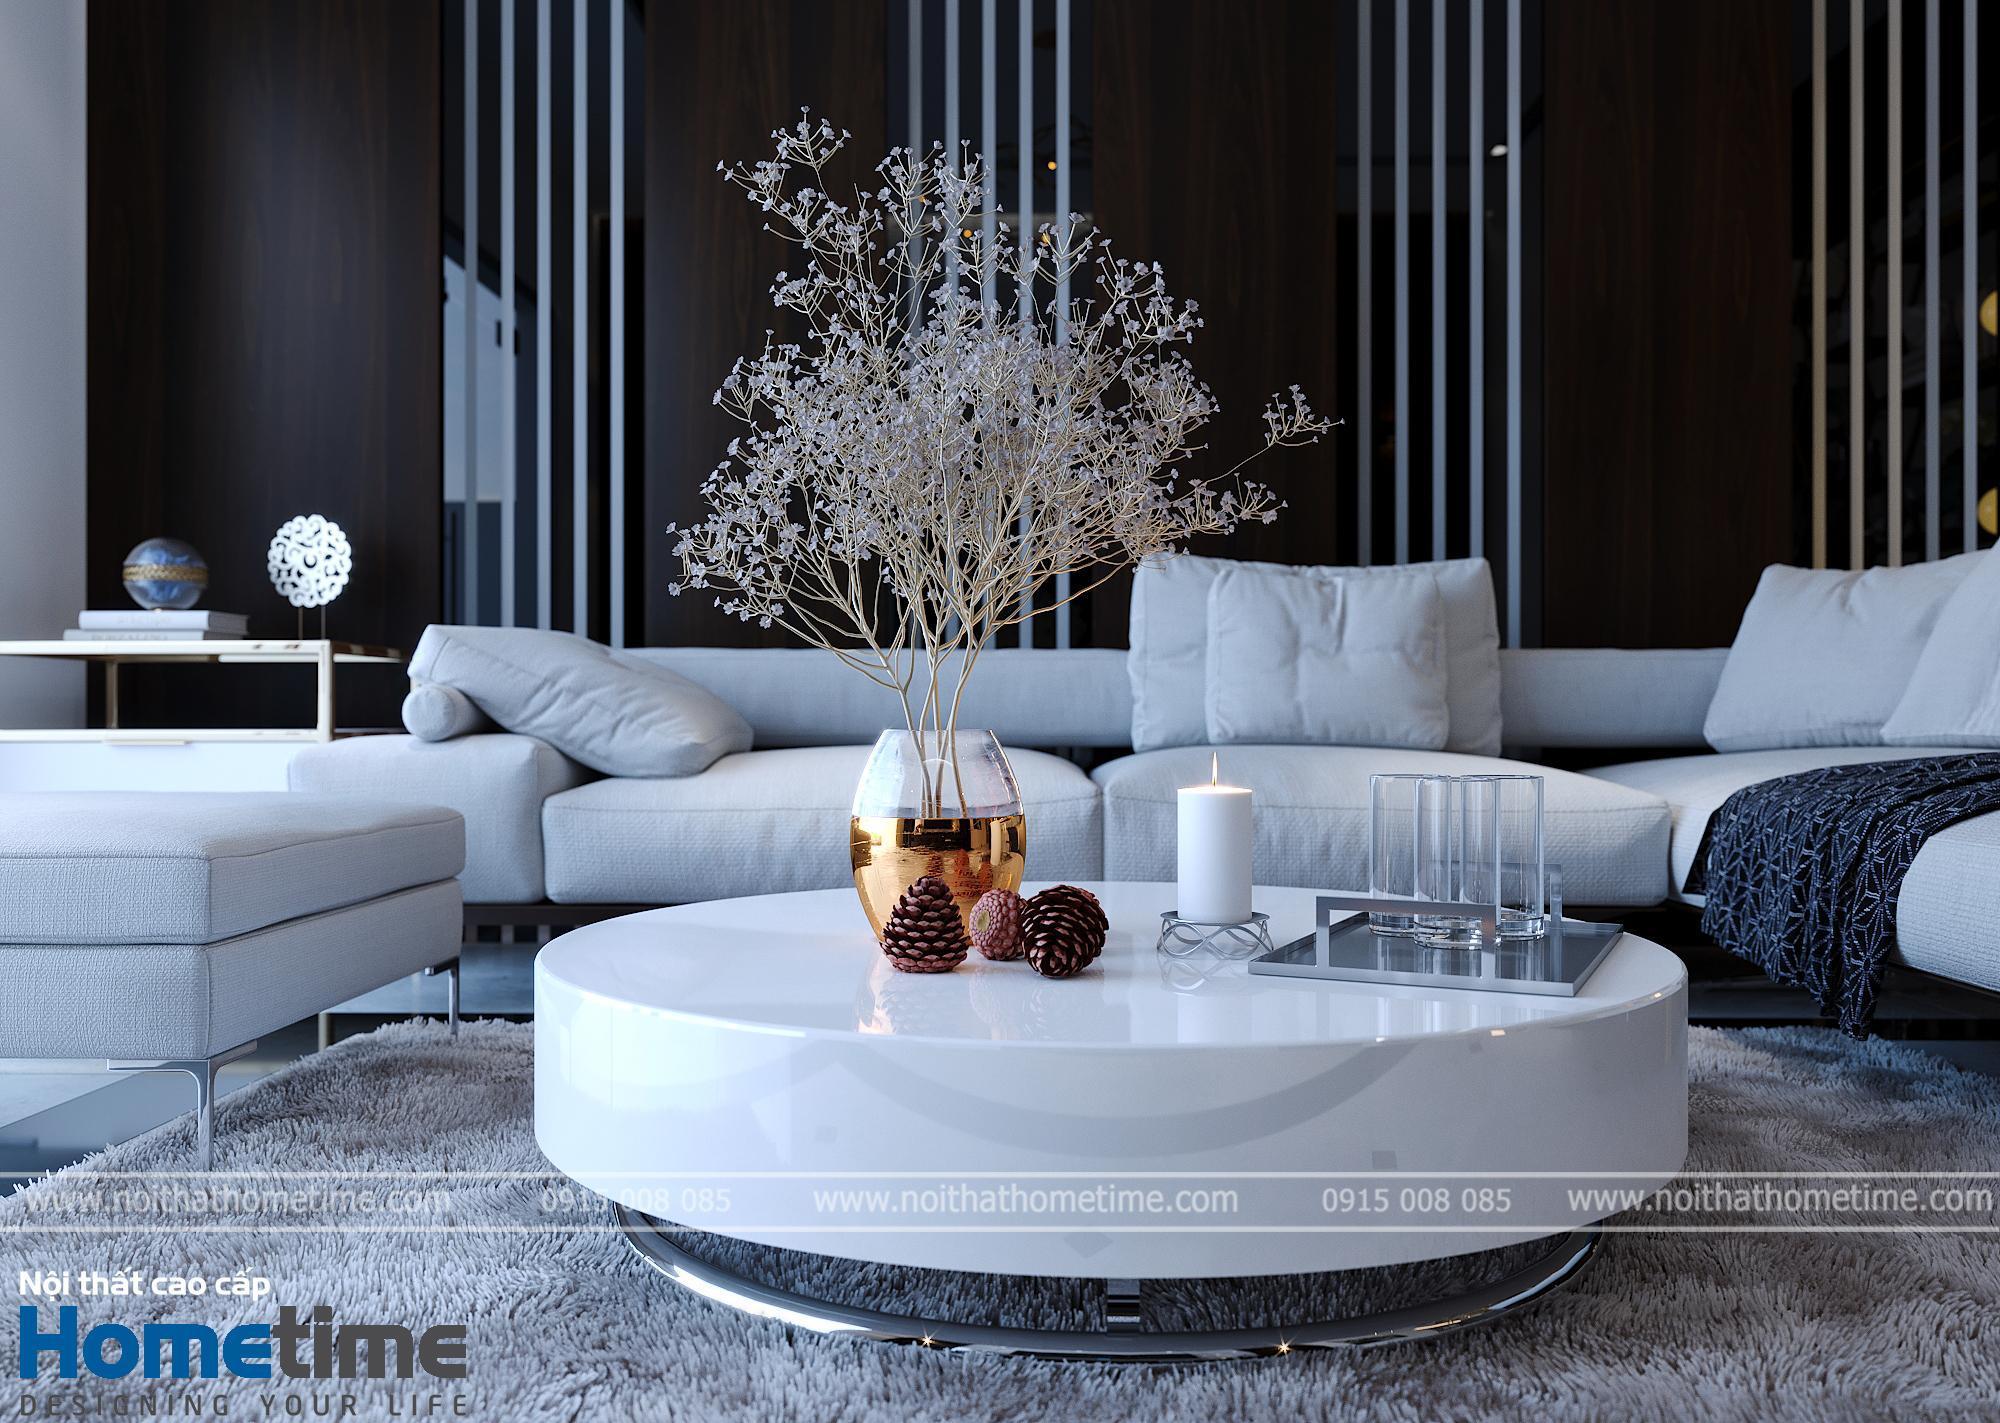 Cùng tham khảo rõ chi tiết hơn bộ bàn trà cũng như bộ sofa cao cấp